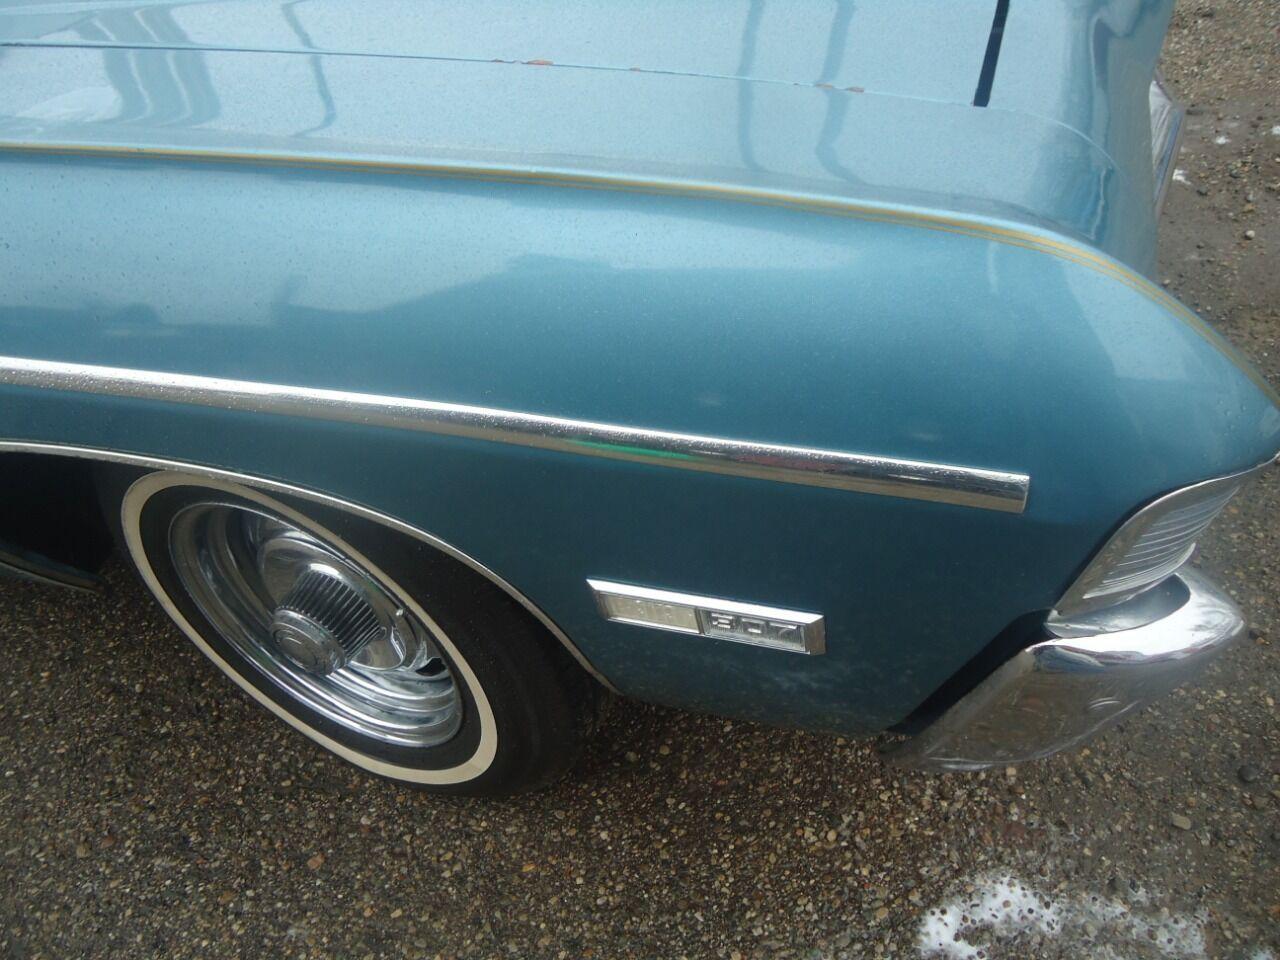 1968 Chevrolet Impala 23